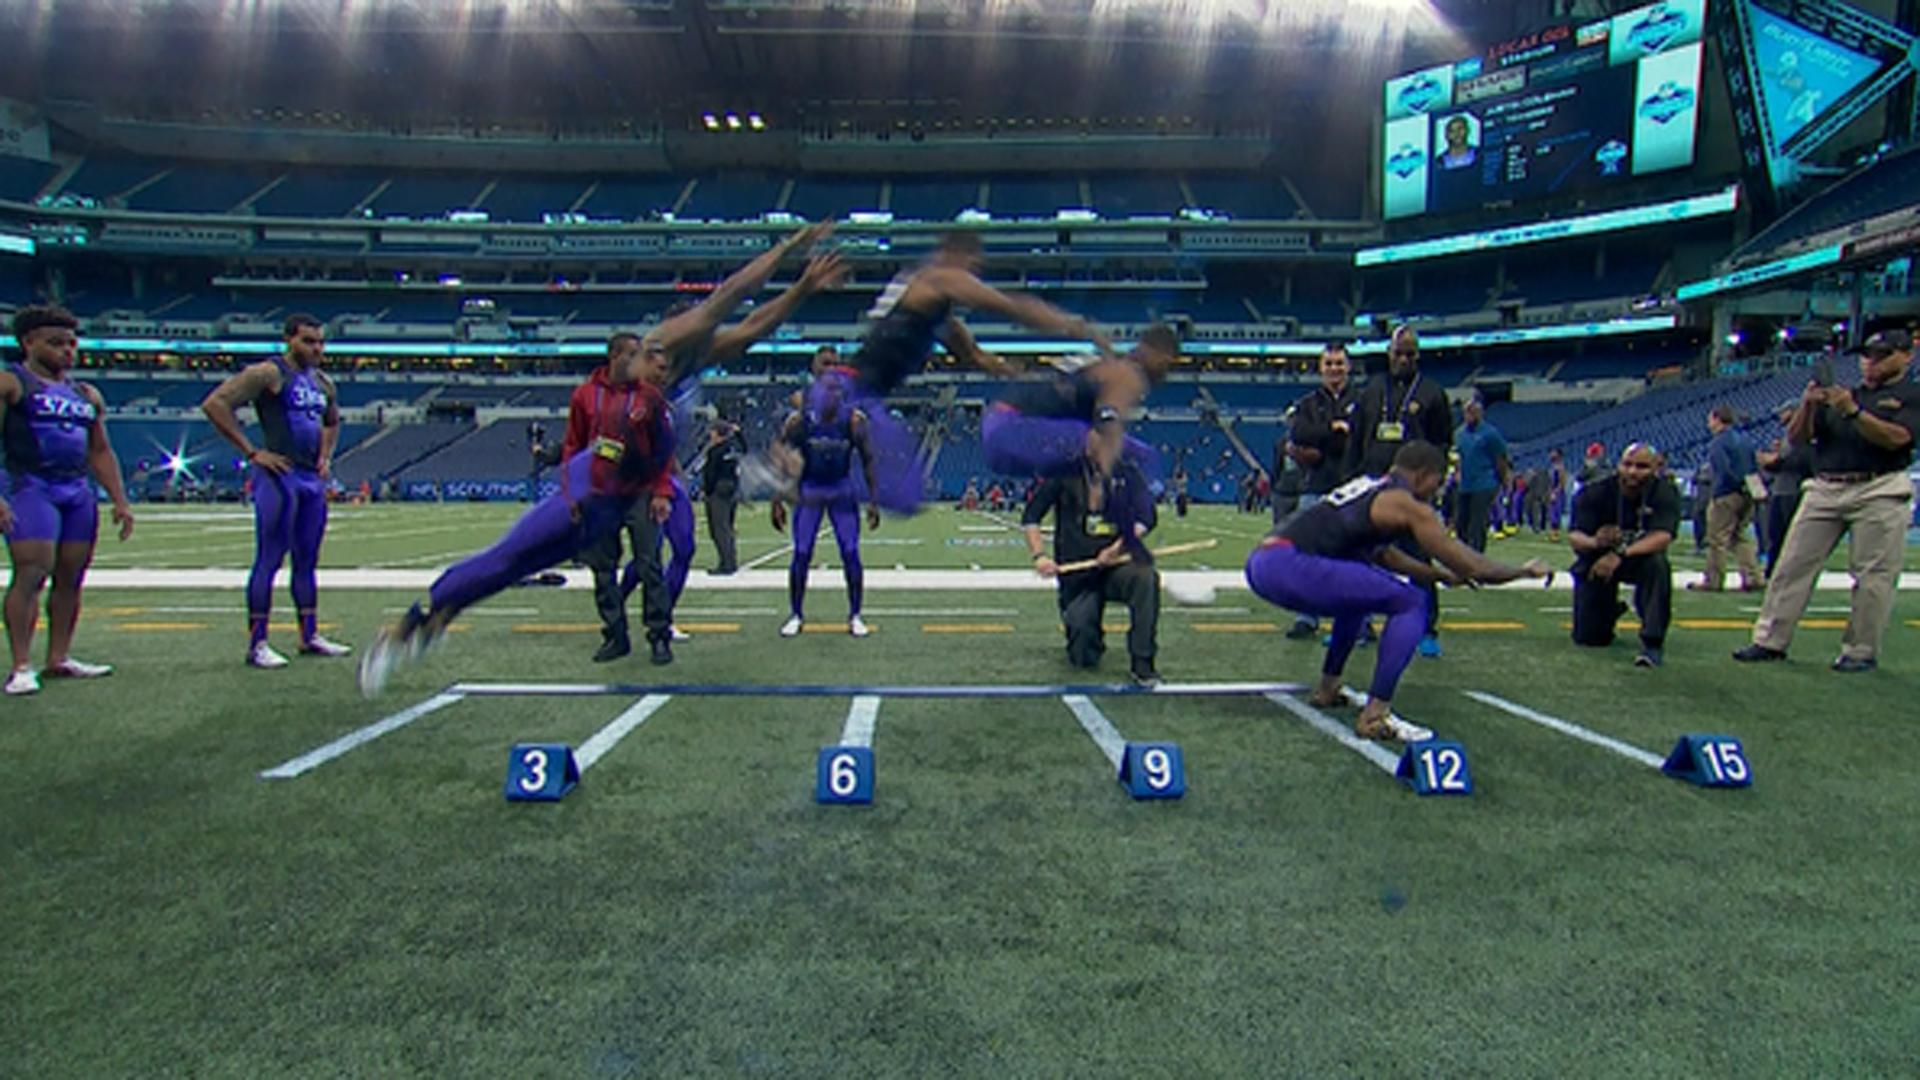 Byron Jones beats world broad jump record at NFL bine